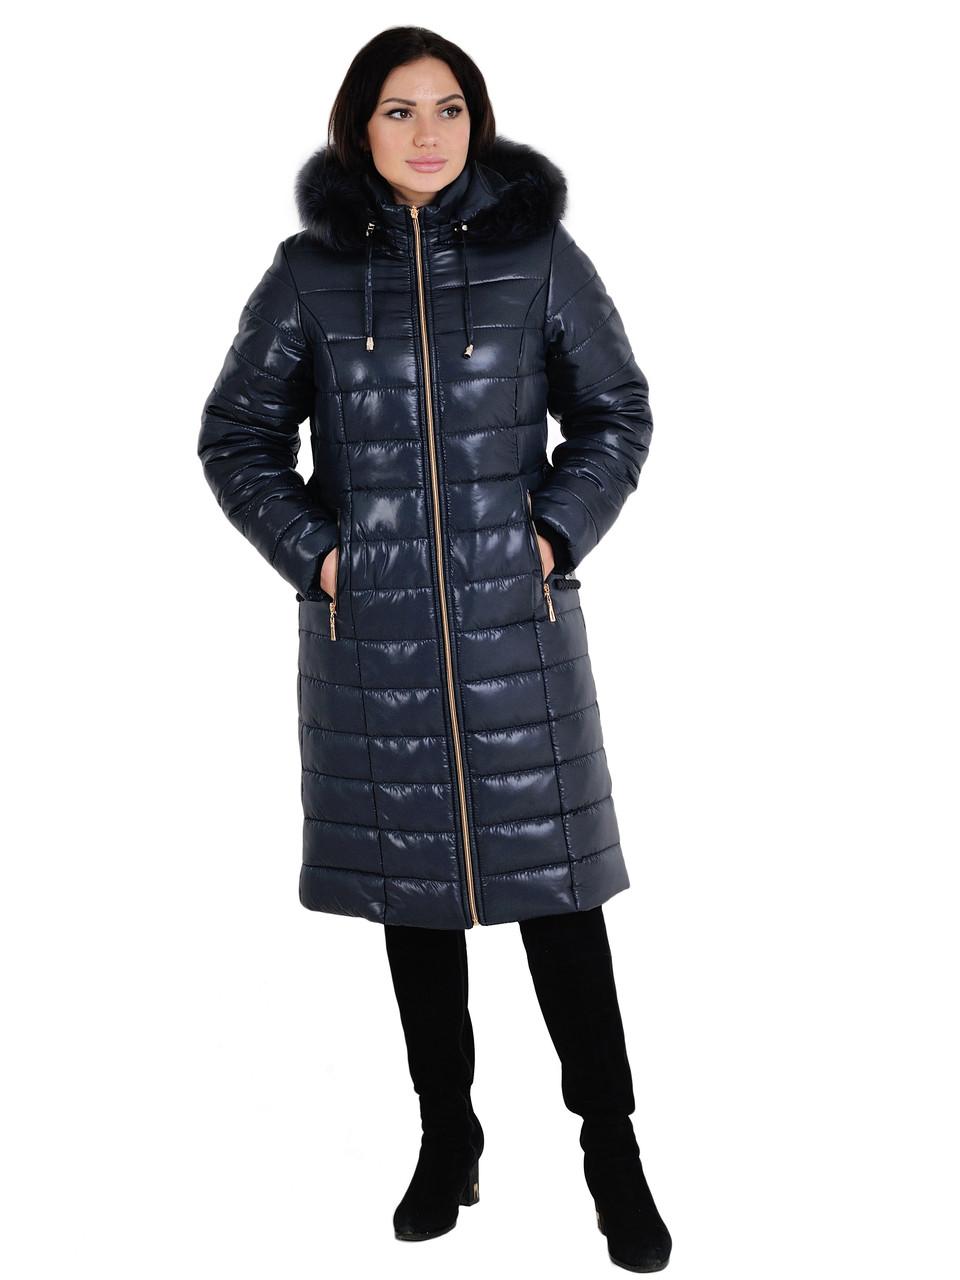 Куртка женская зимняя модель ПМ, размеры от 48 до 68